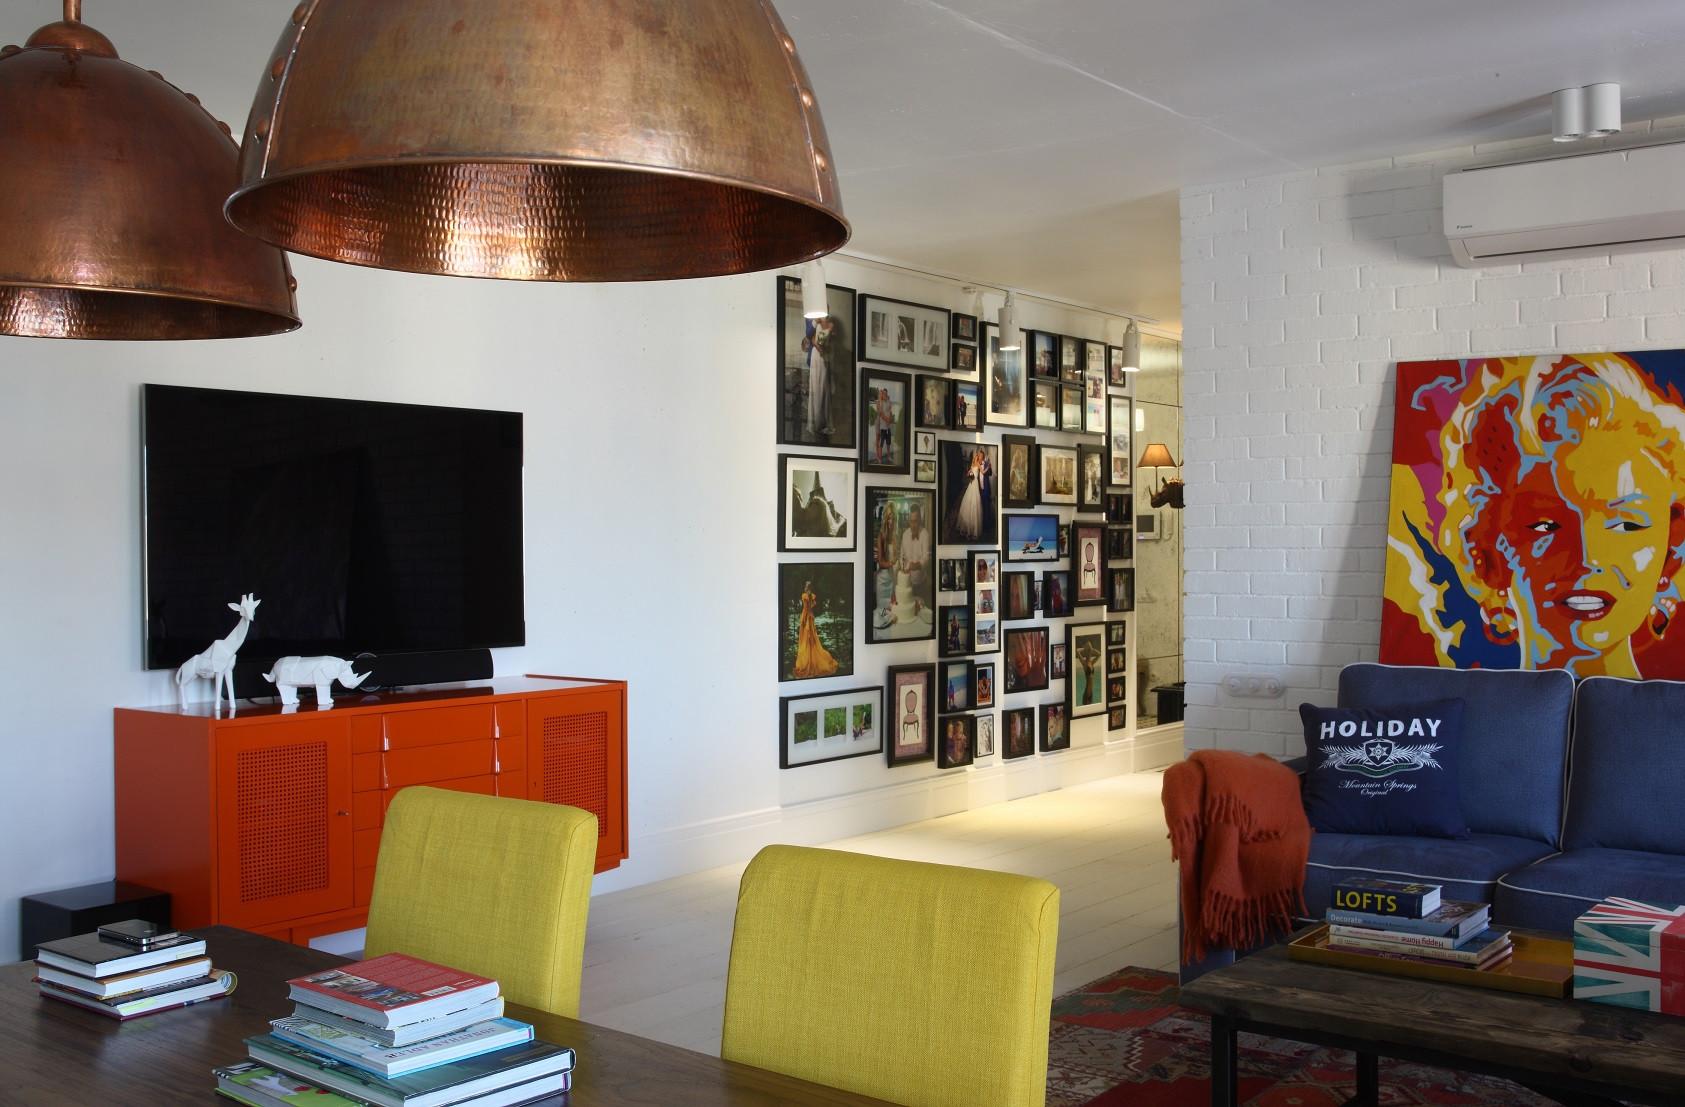 做了精致的木质电视柜,也更好的收纳,墙壁侧面挂了很多画像,很有艺术气息